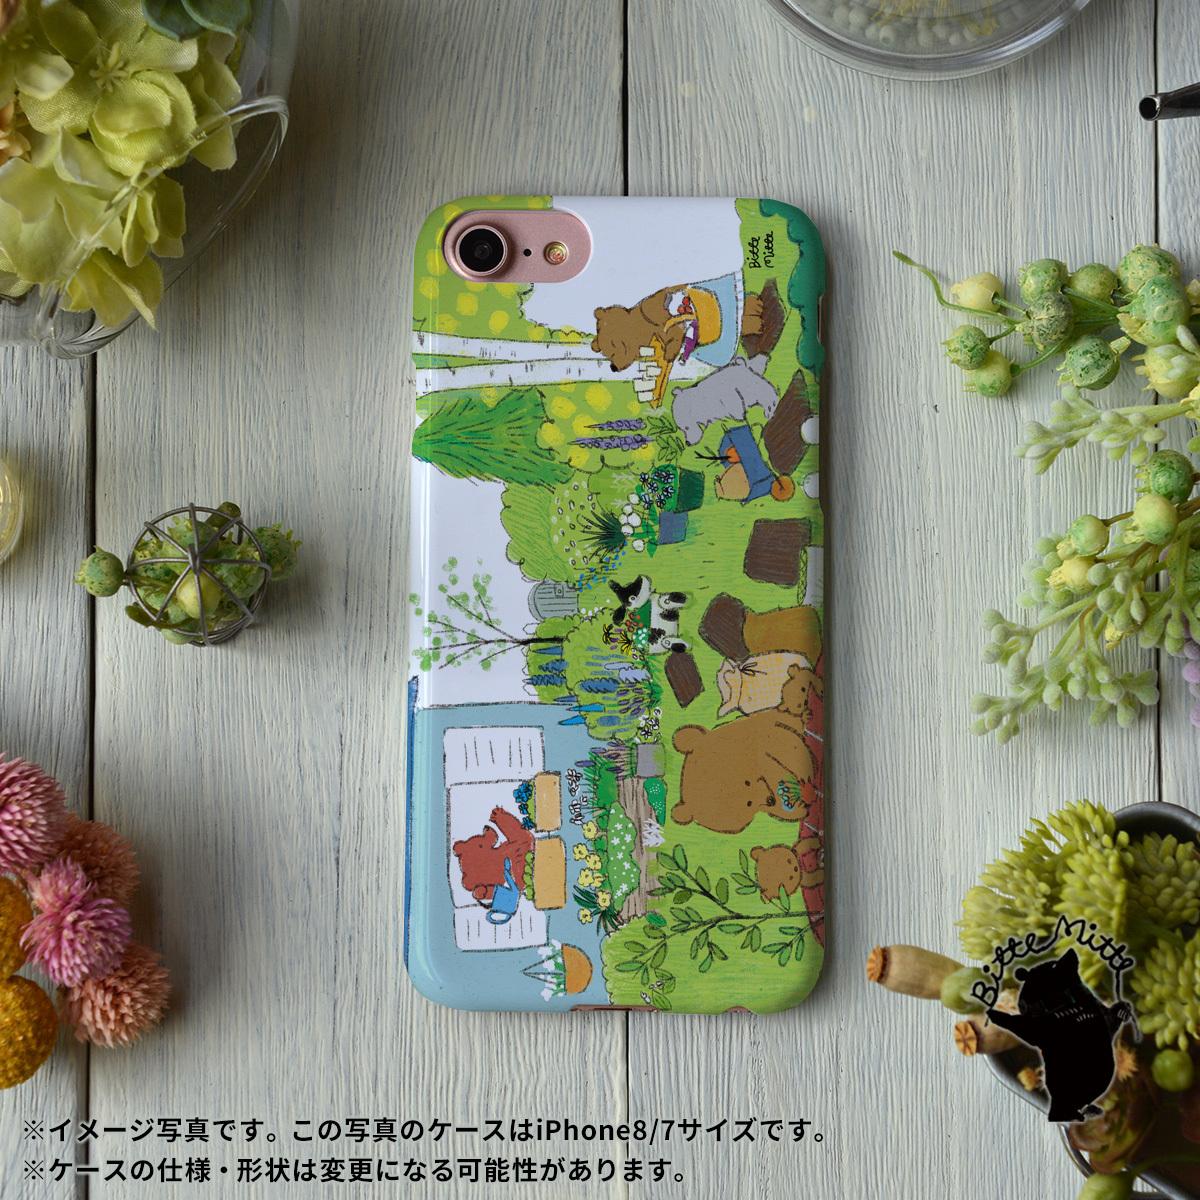 iphone8 ハードケース おしゃれ iphone8 ハードケース シンプル iphone7 ケース かわいい くま クマ ボタニカル 植物 ある日のガーデニング/Bitte Mitte!